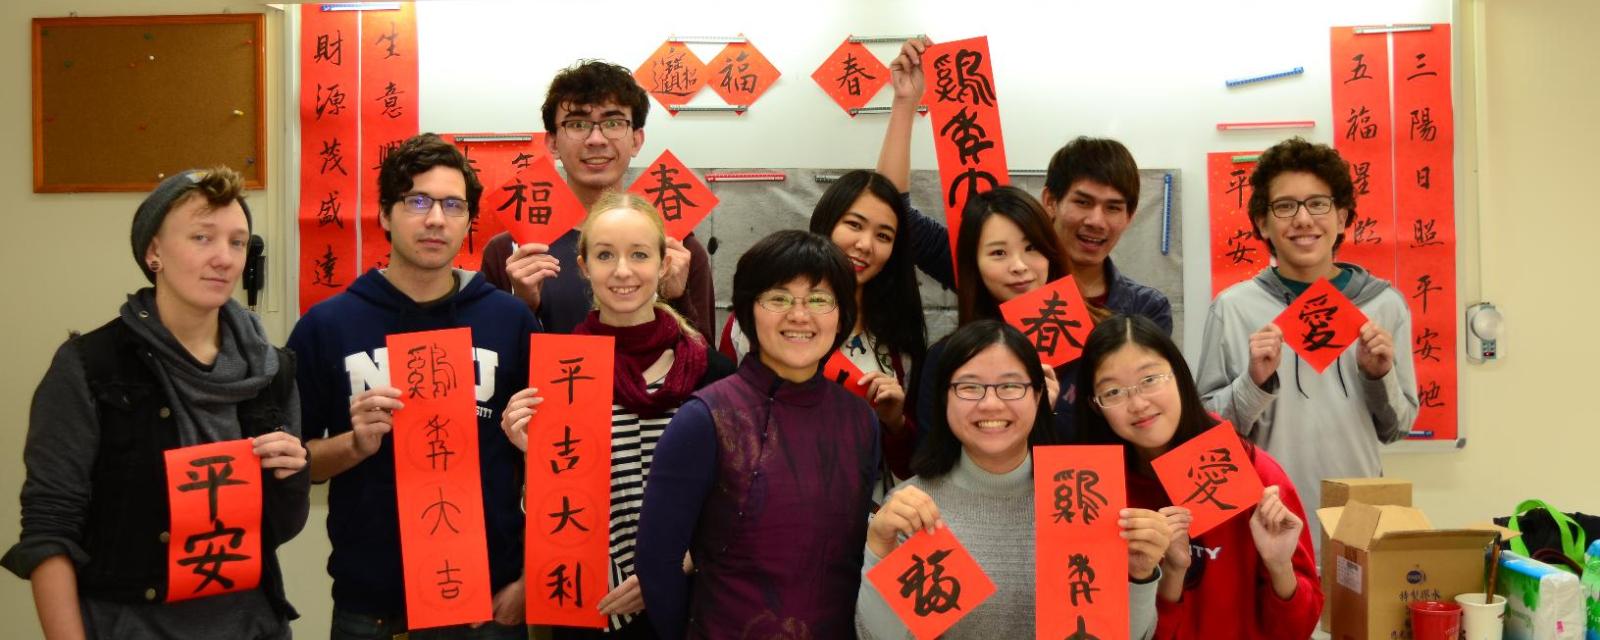 台湾大学滞在